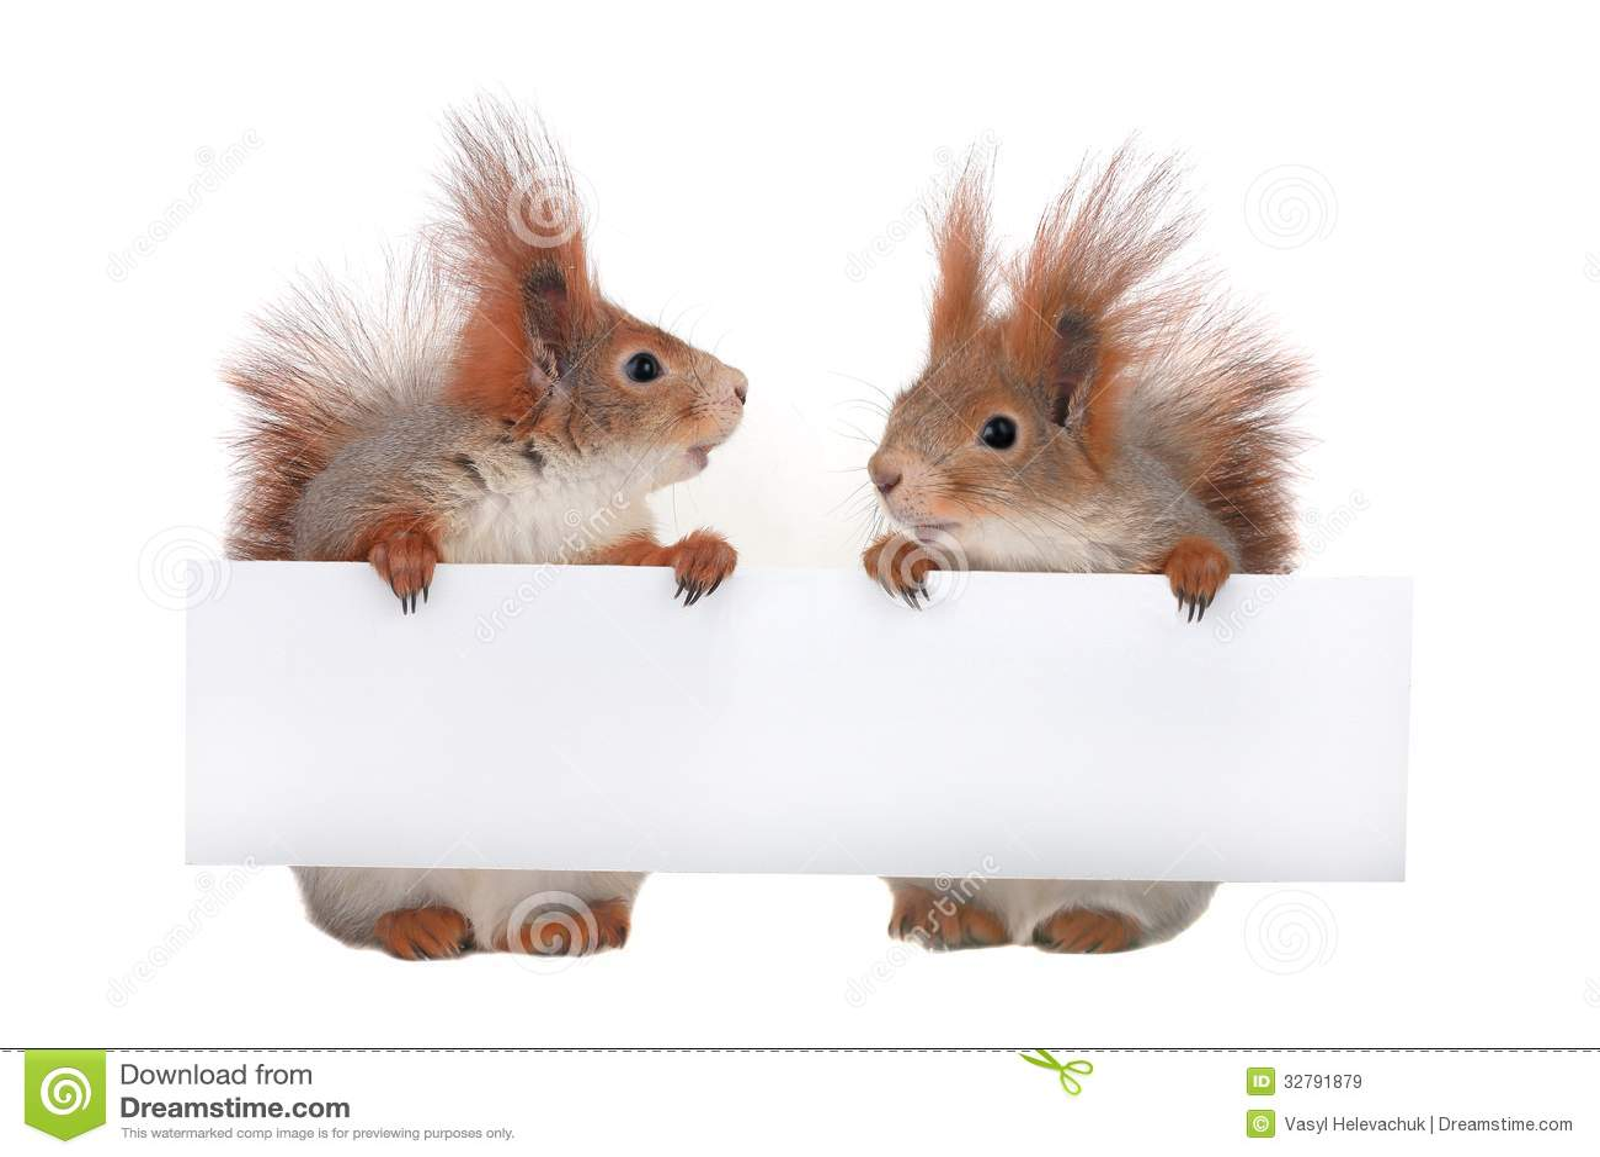 squirrel monkey written essay